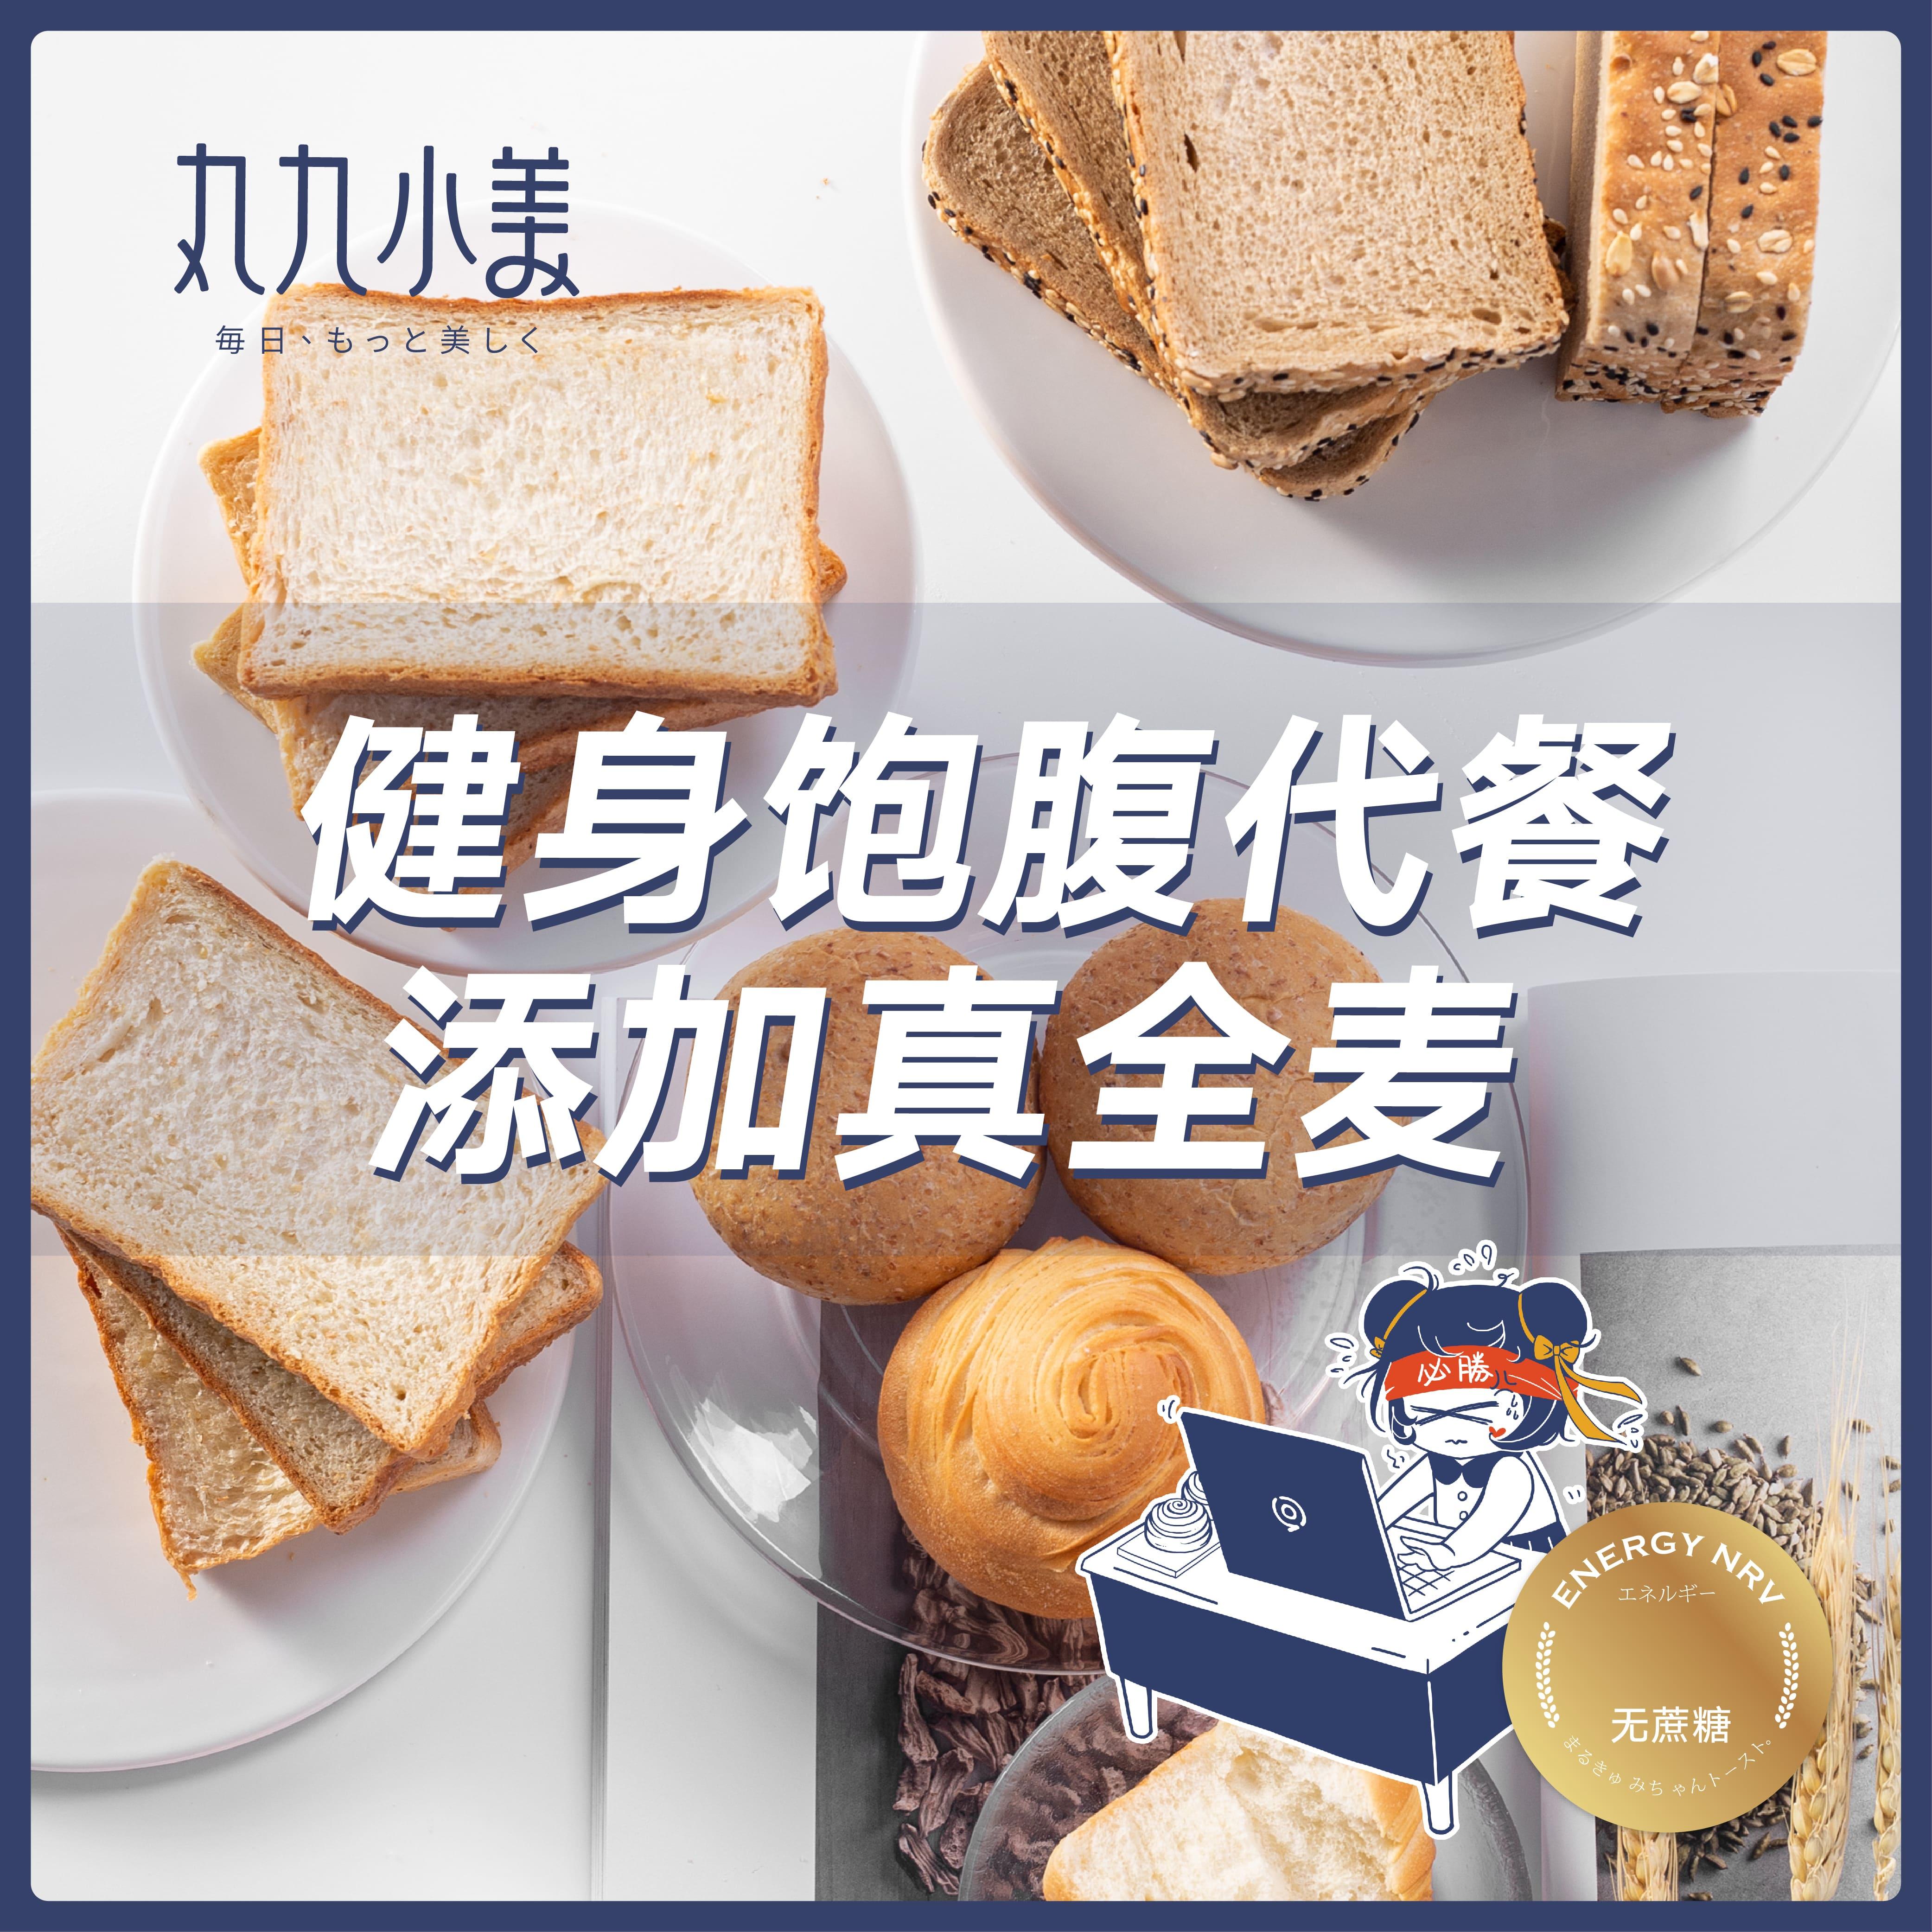 黑麦全麦吐司无添加学生整箱蔗糖